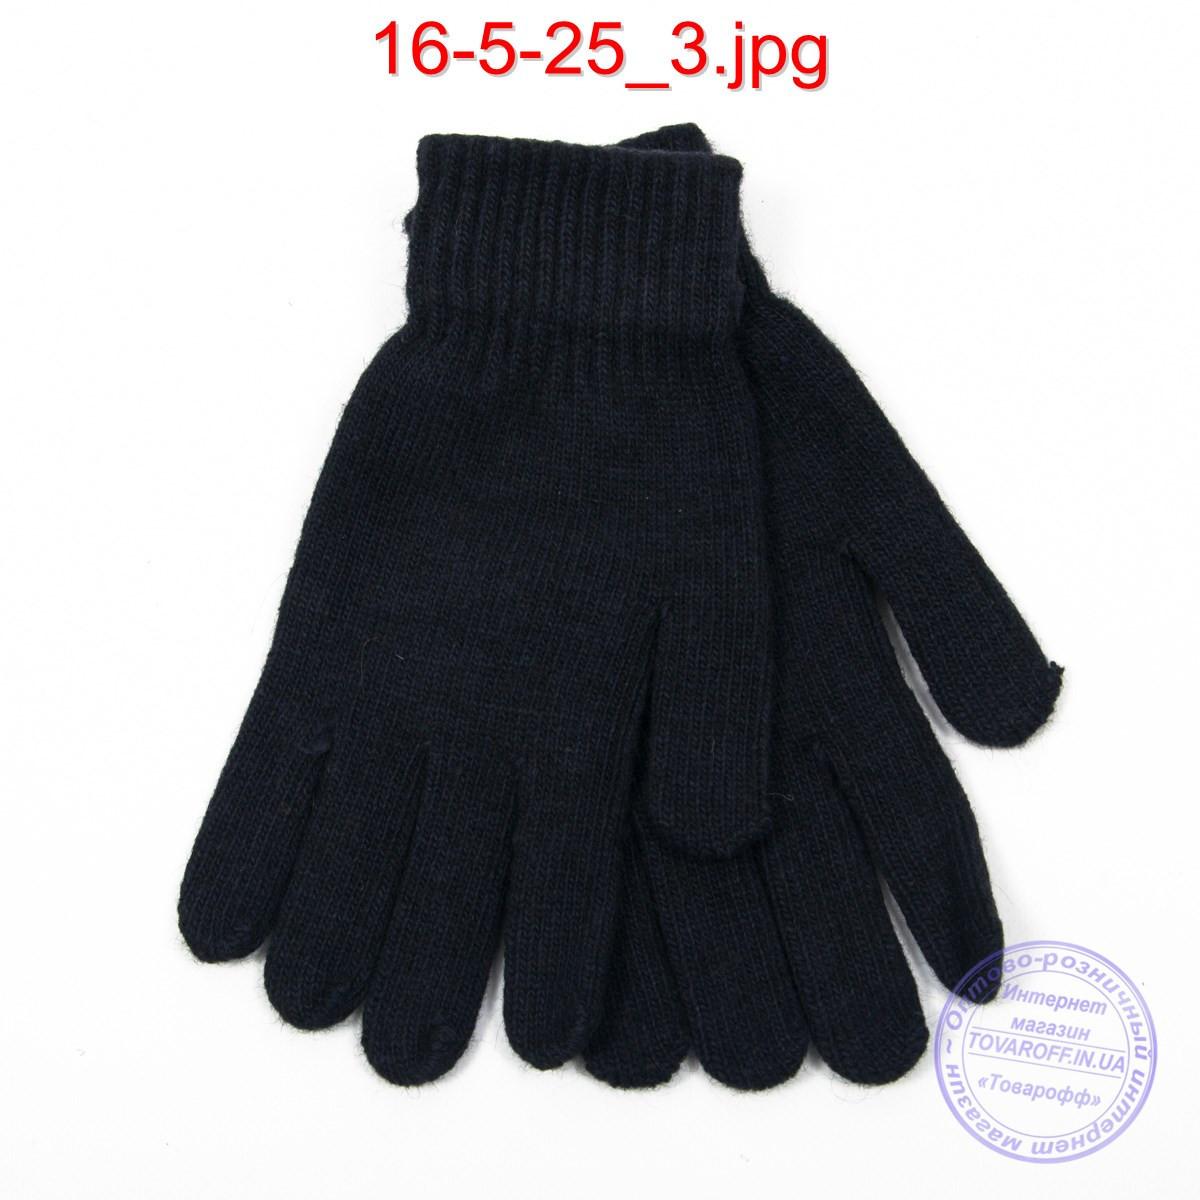 Вязаные мужские ангоровые перчатки - №16-5-25